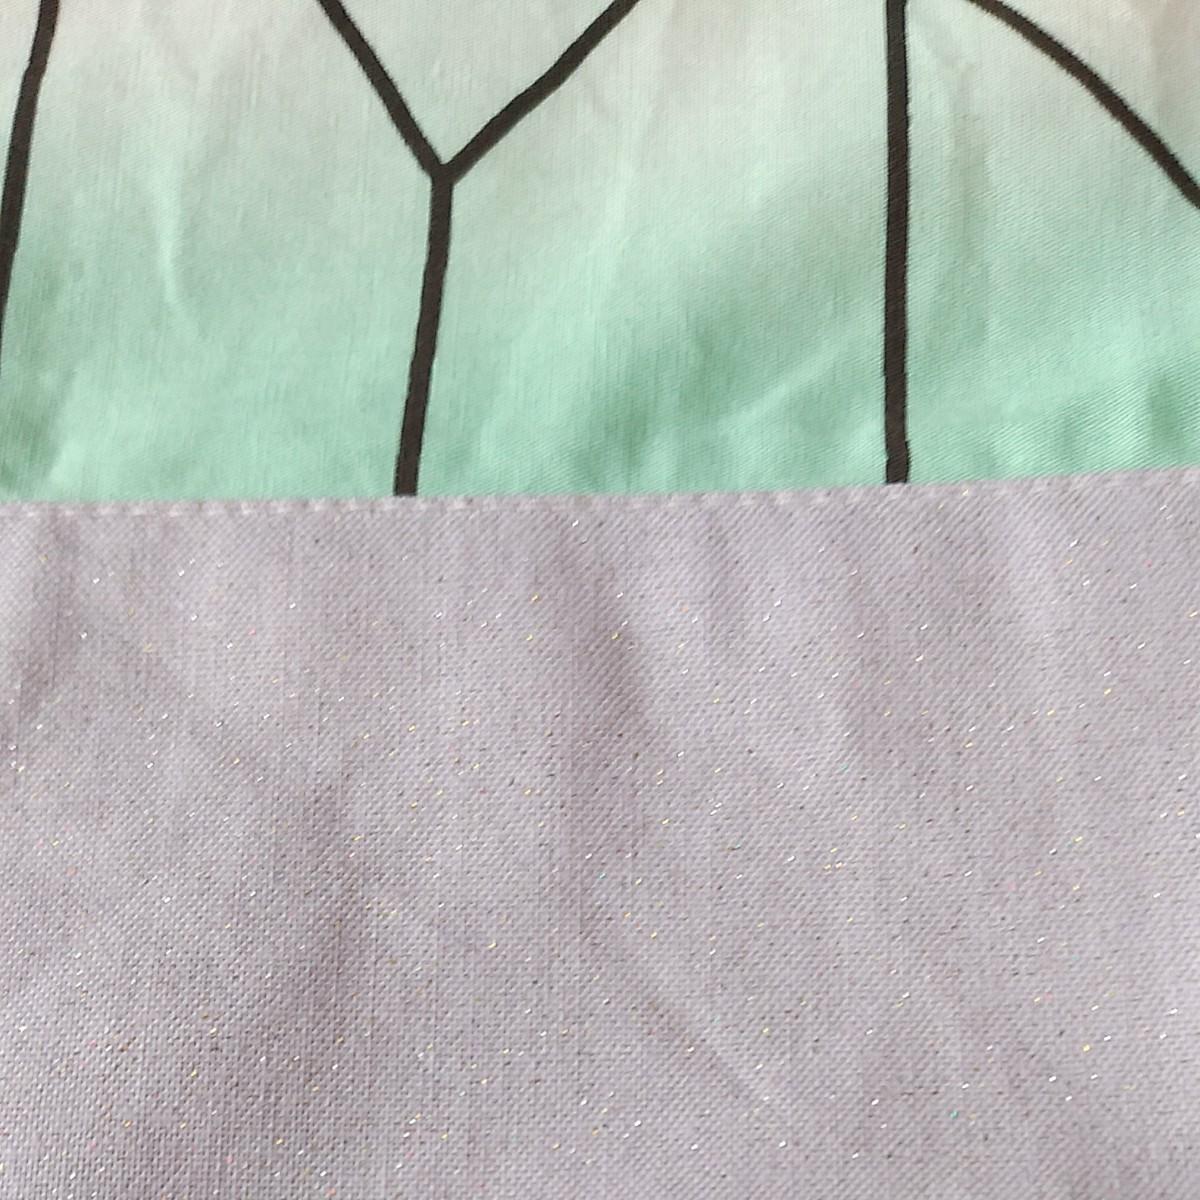 鬼滅の刃 胡蝶しのぶ 羽織風★給食袋&ランチョンマット 2点セット★入学入園・プレゼント★ハンドメイド